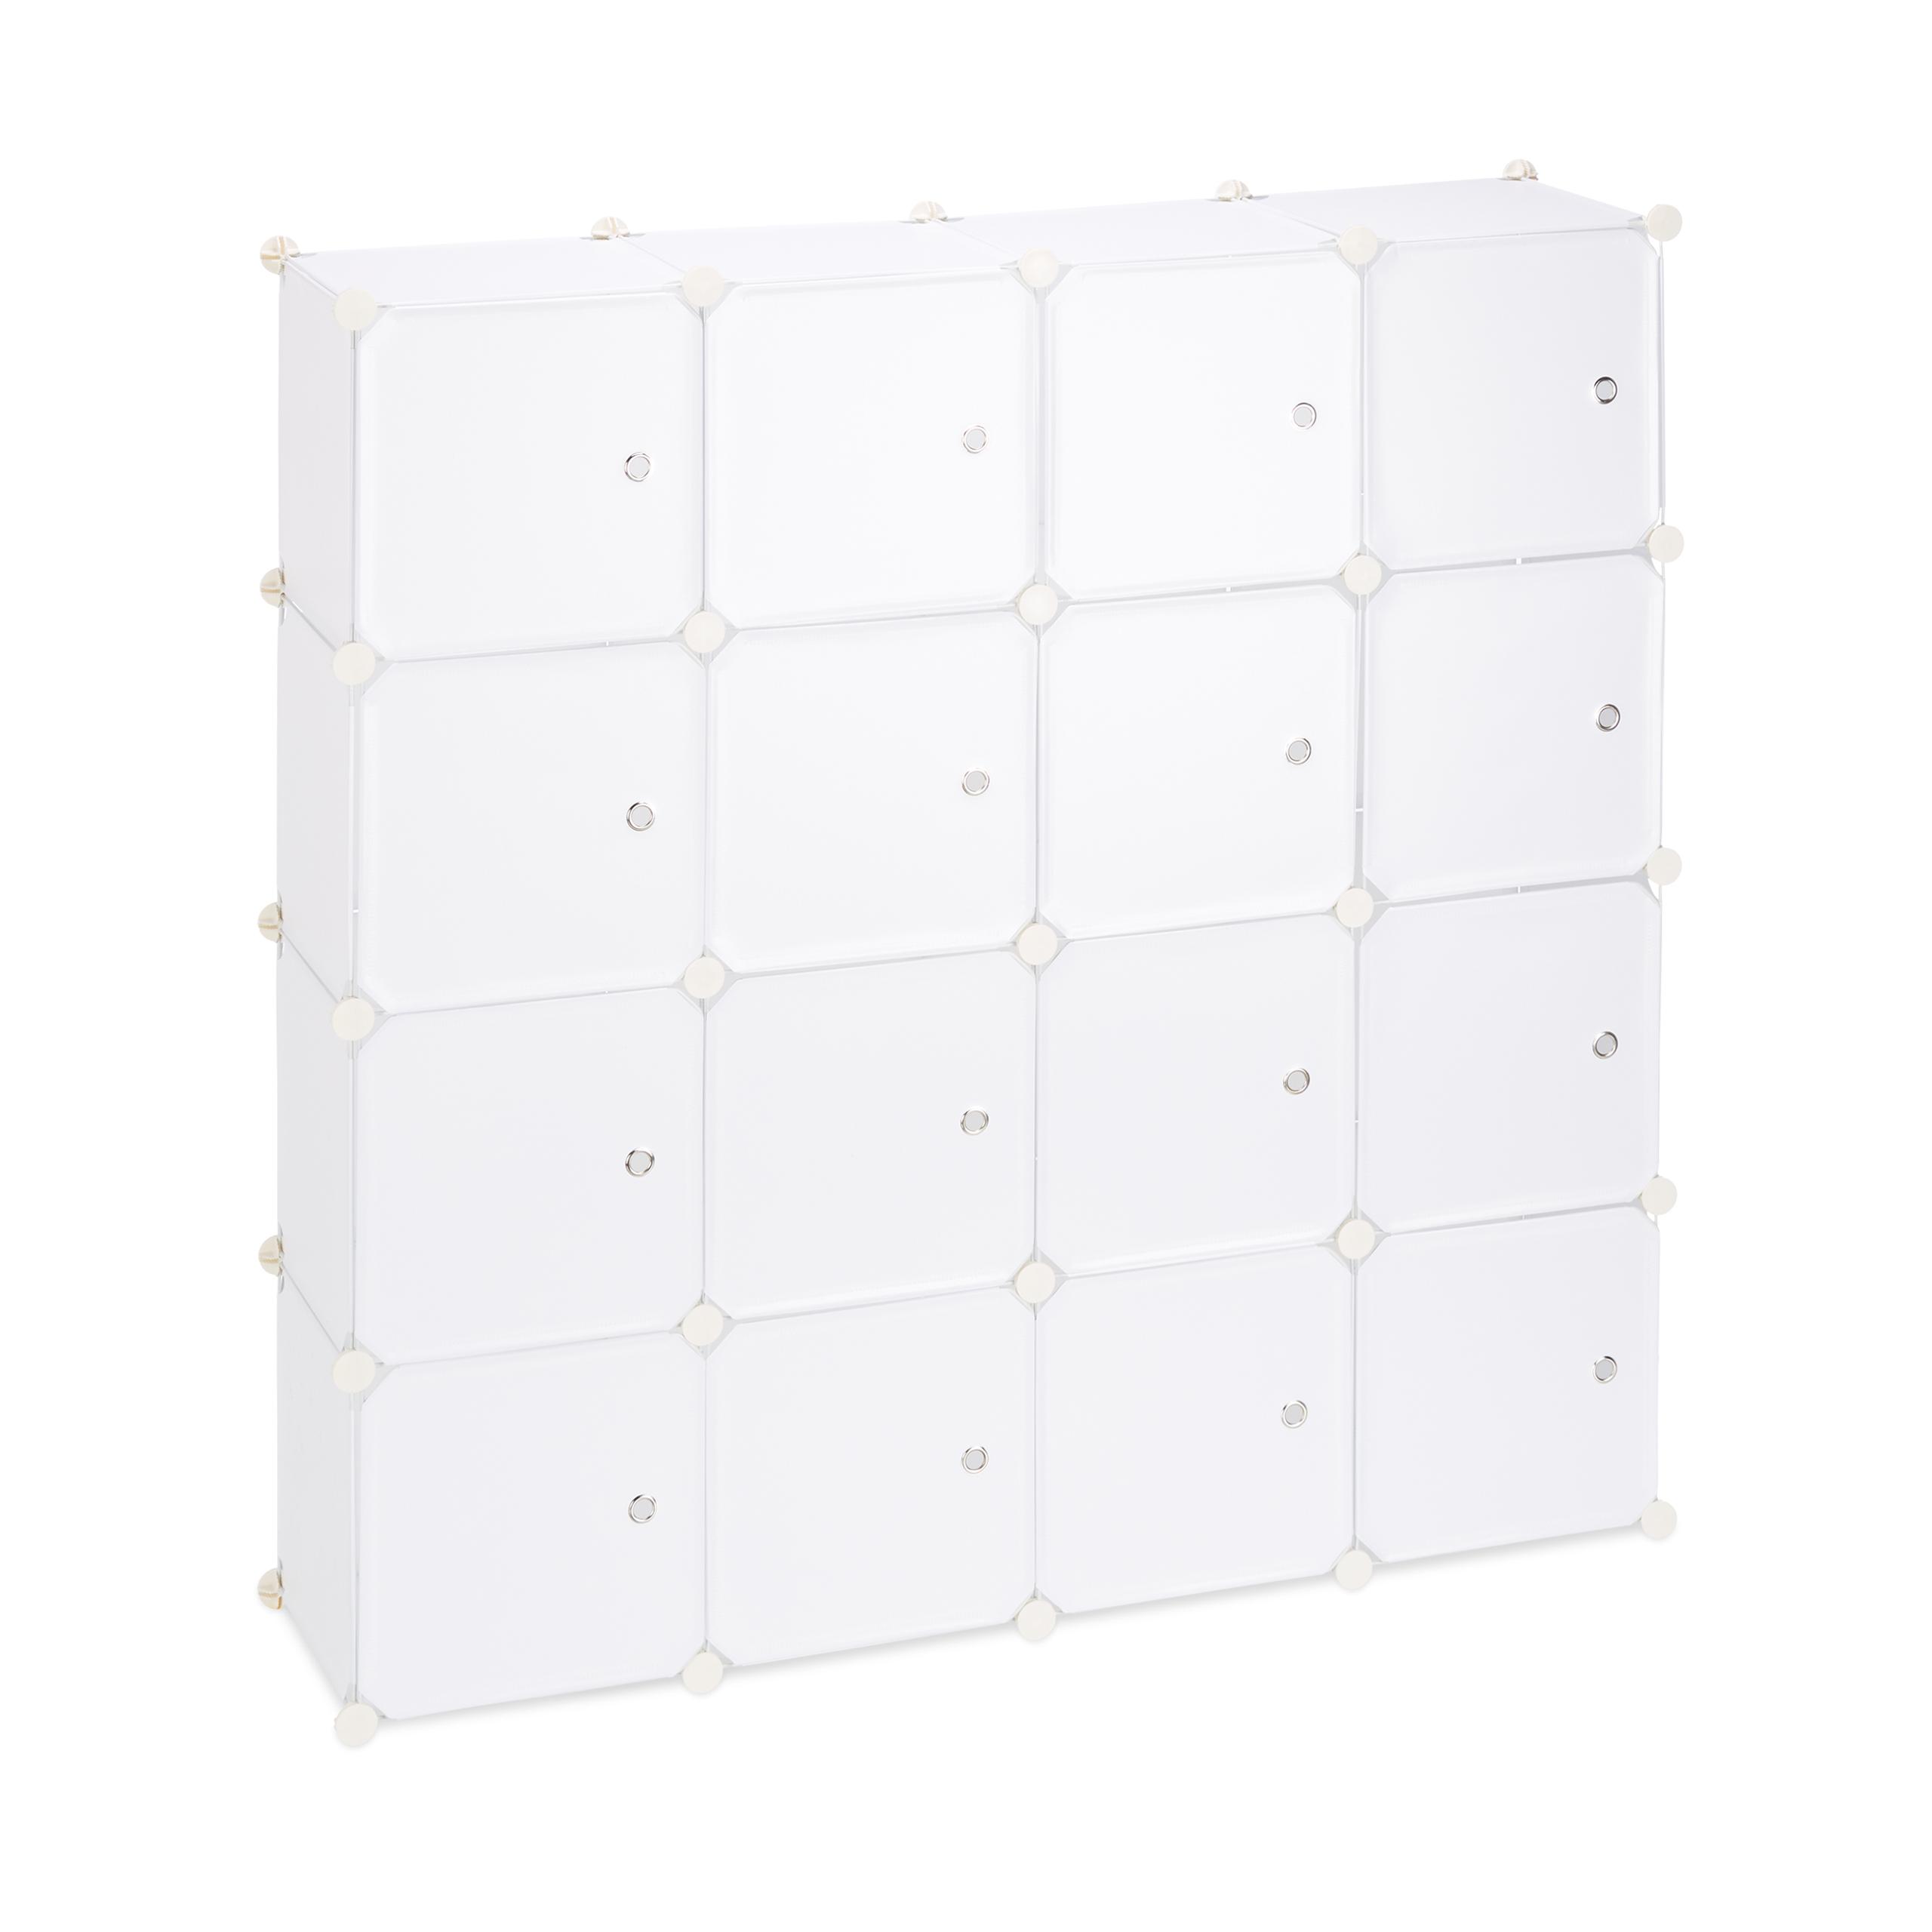 Steckregal Kunststoff Mit Türen 16 Fächer Regalsystem Diy